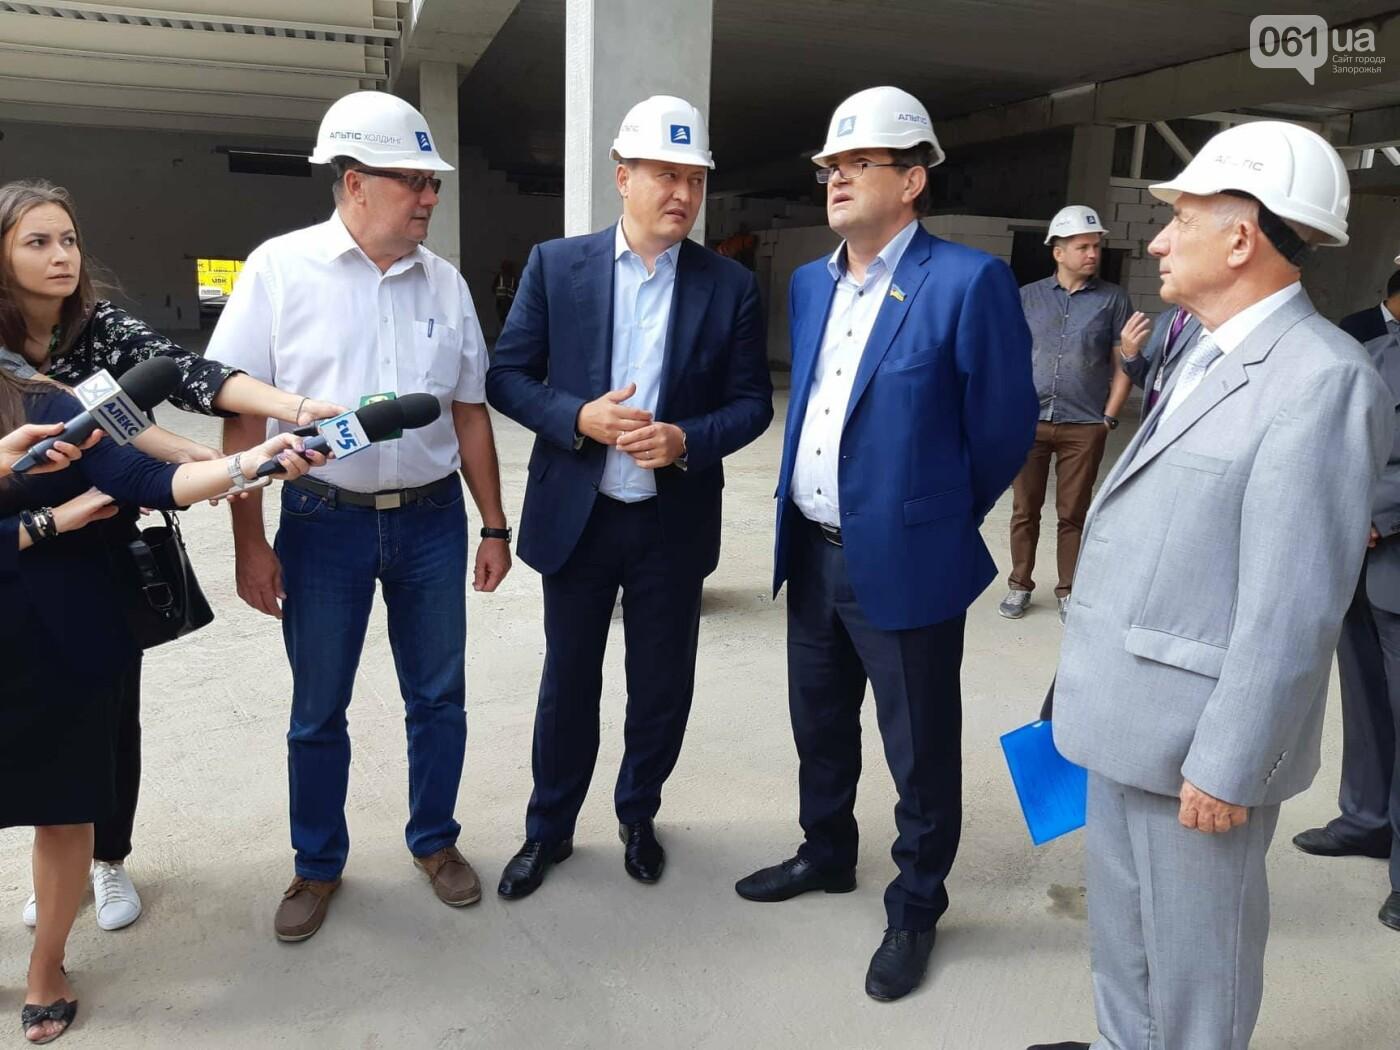 Как идет строительство нового терминала аэропорта Запорожья 29